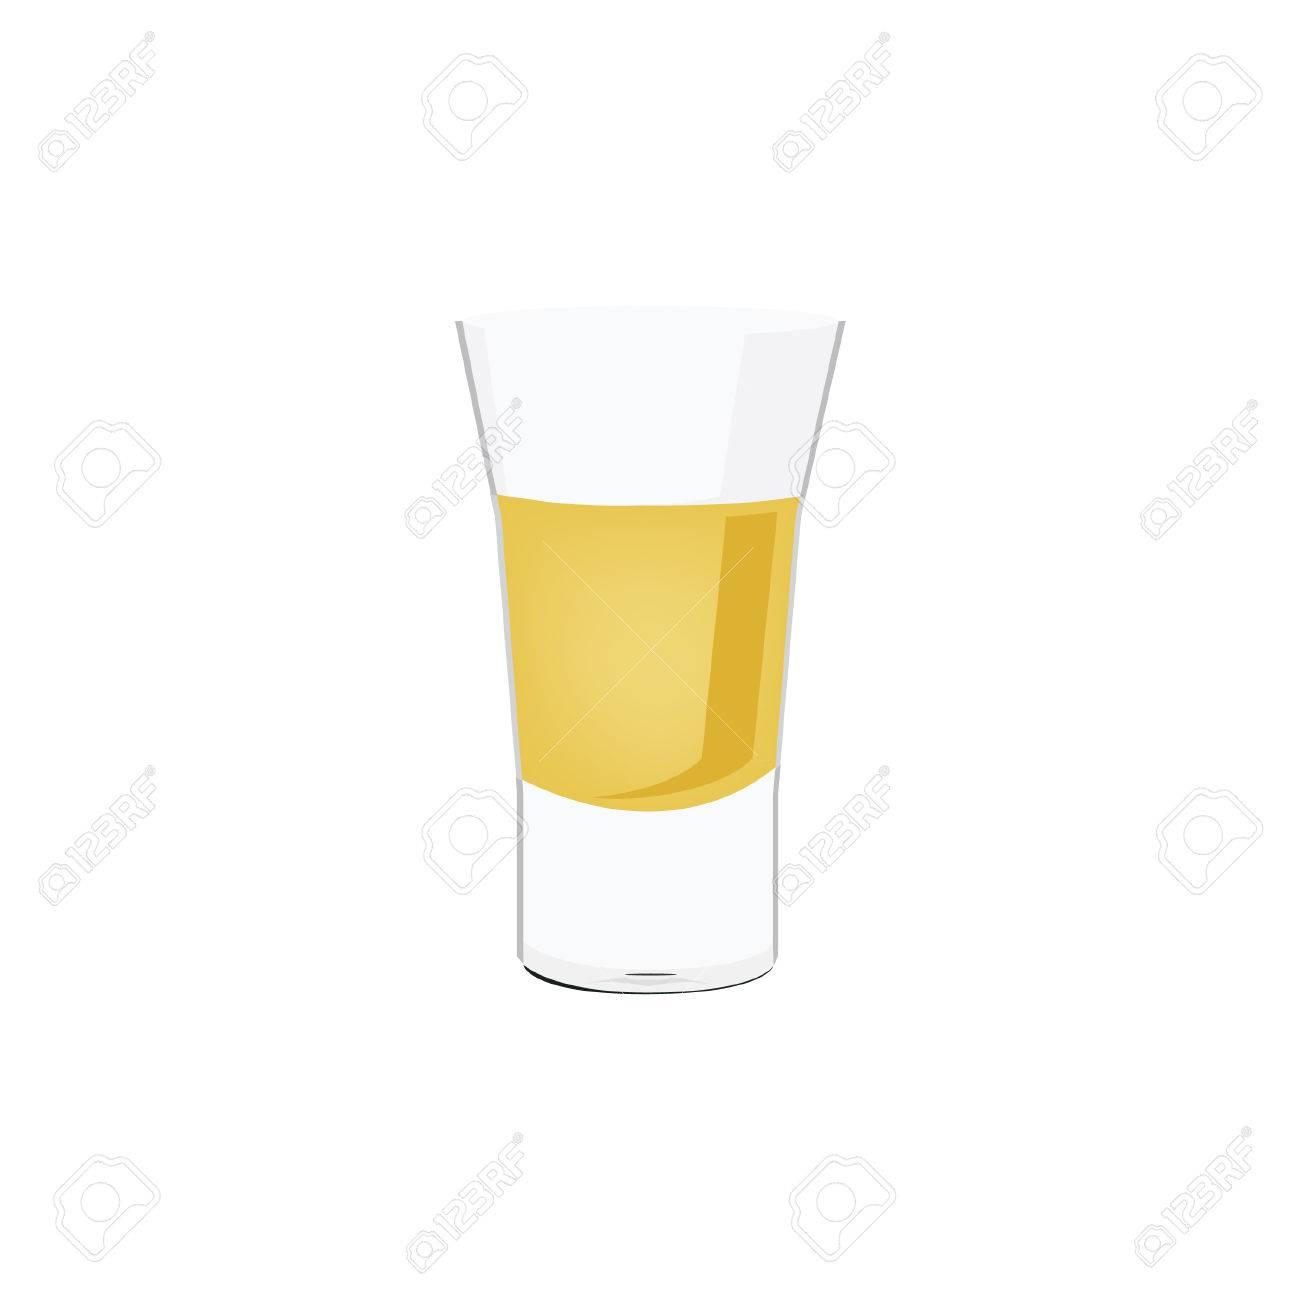 Tequila Shot, Schüsse Alkohol, Tequila Trinken, Alkohol Lizenzfrei ...